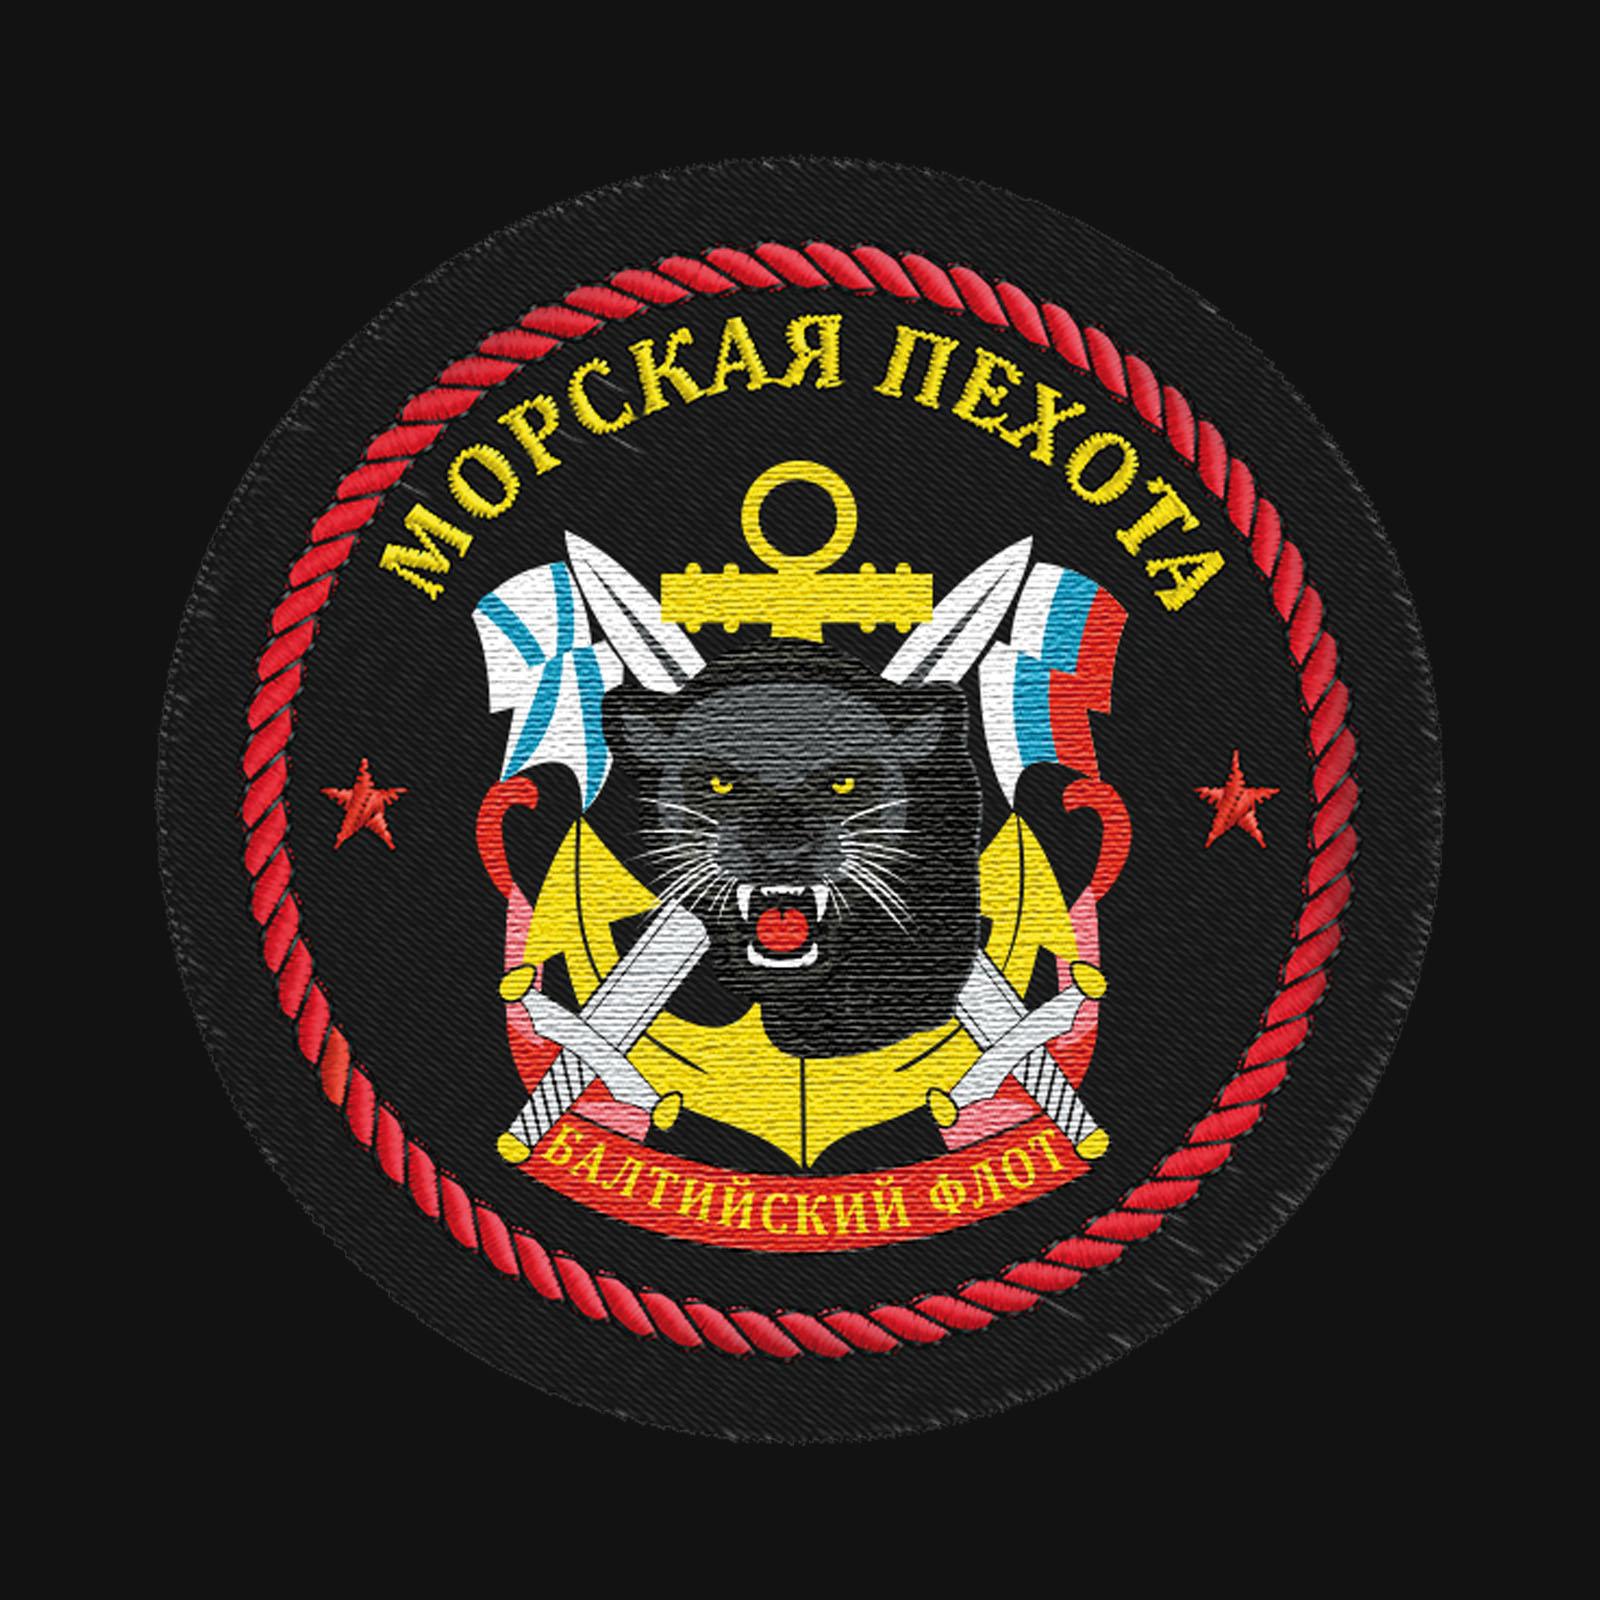 Зачетная толстовка с эмблемой Морской пехоты купить по привлекательной цене